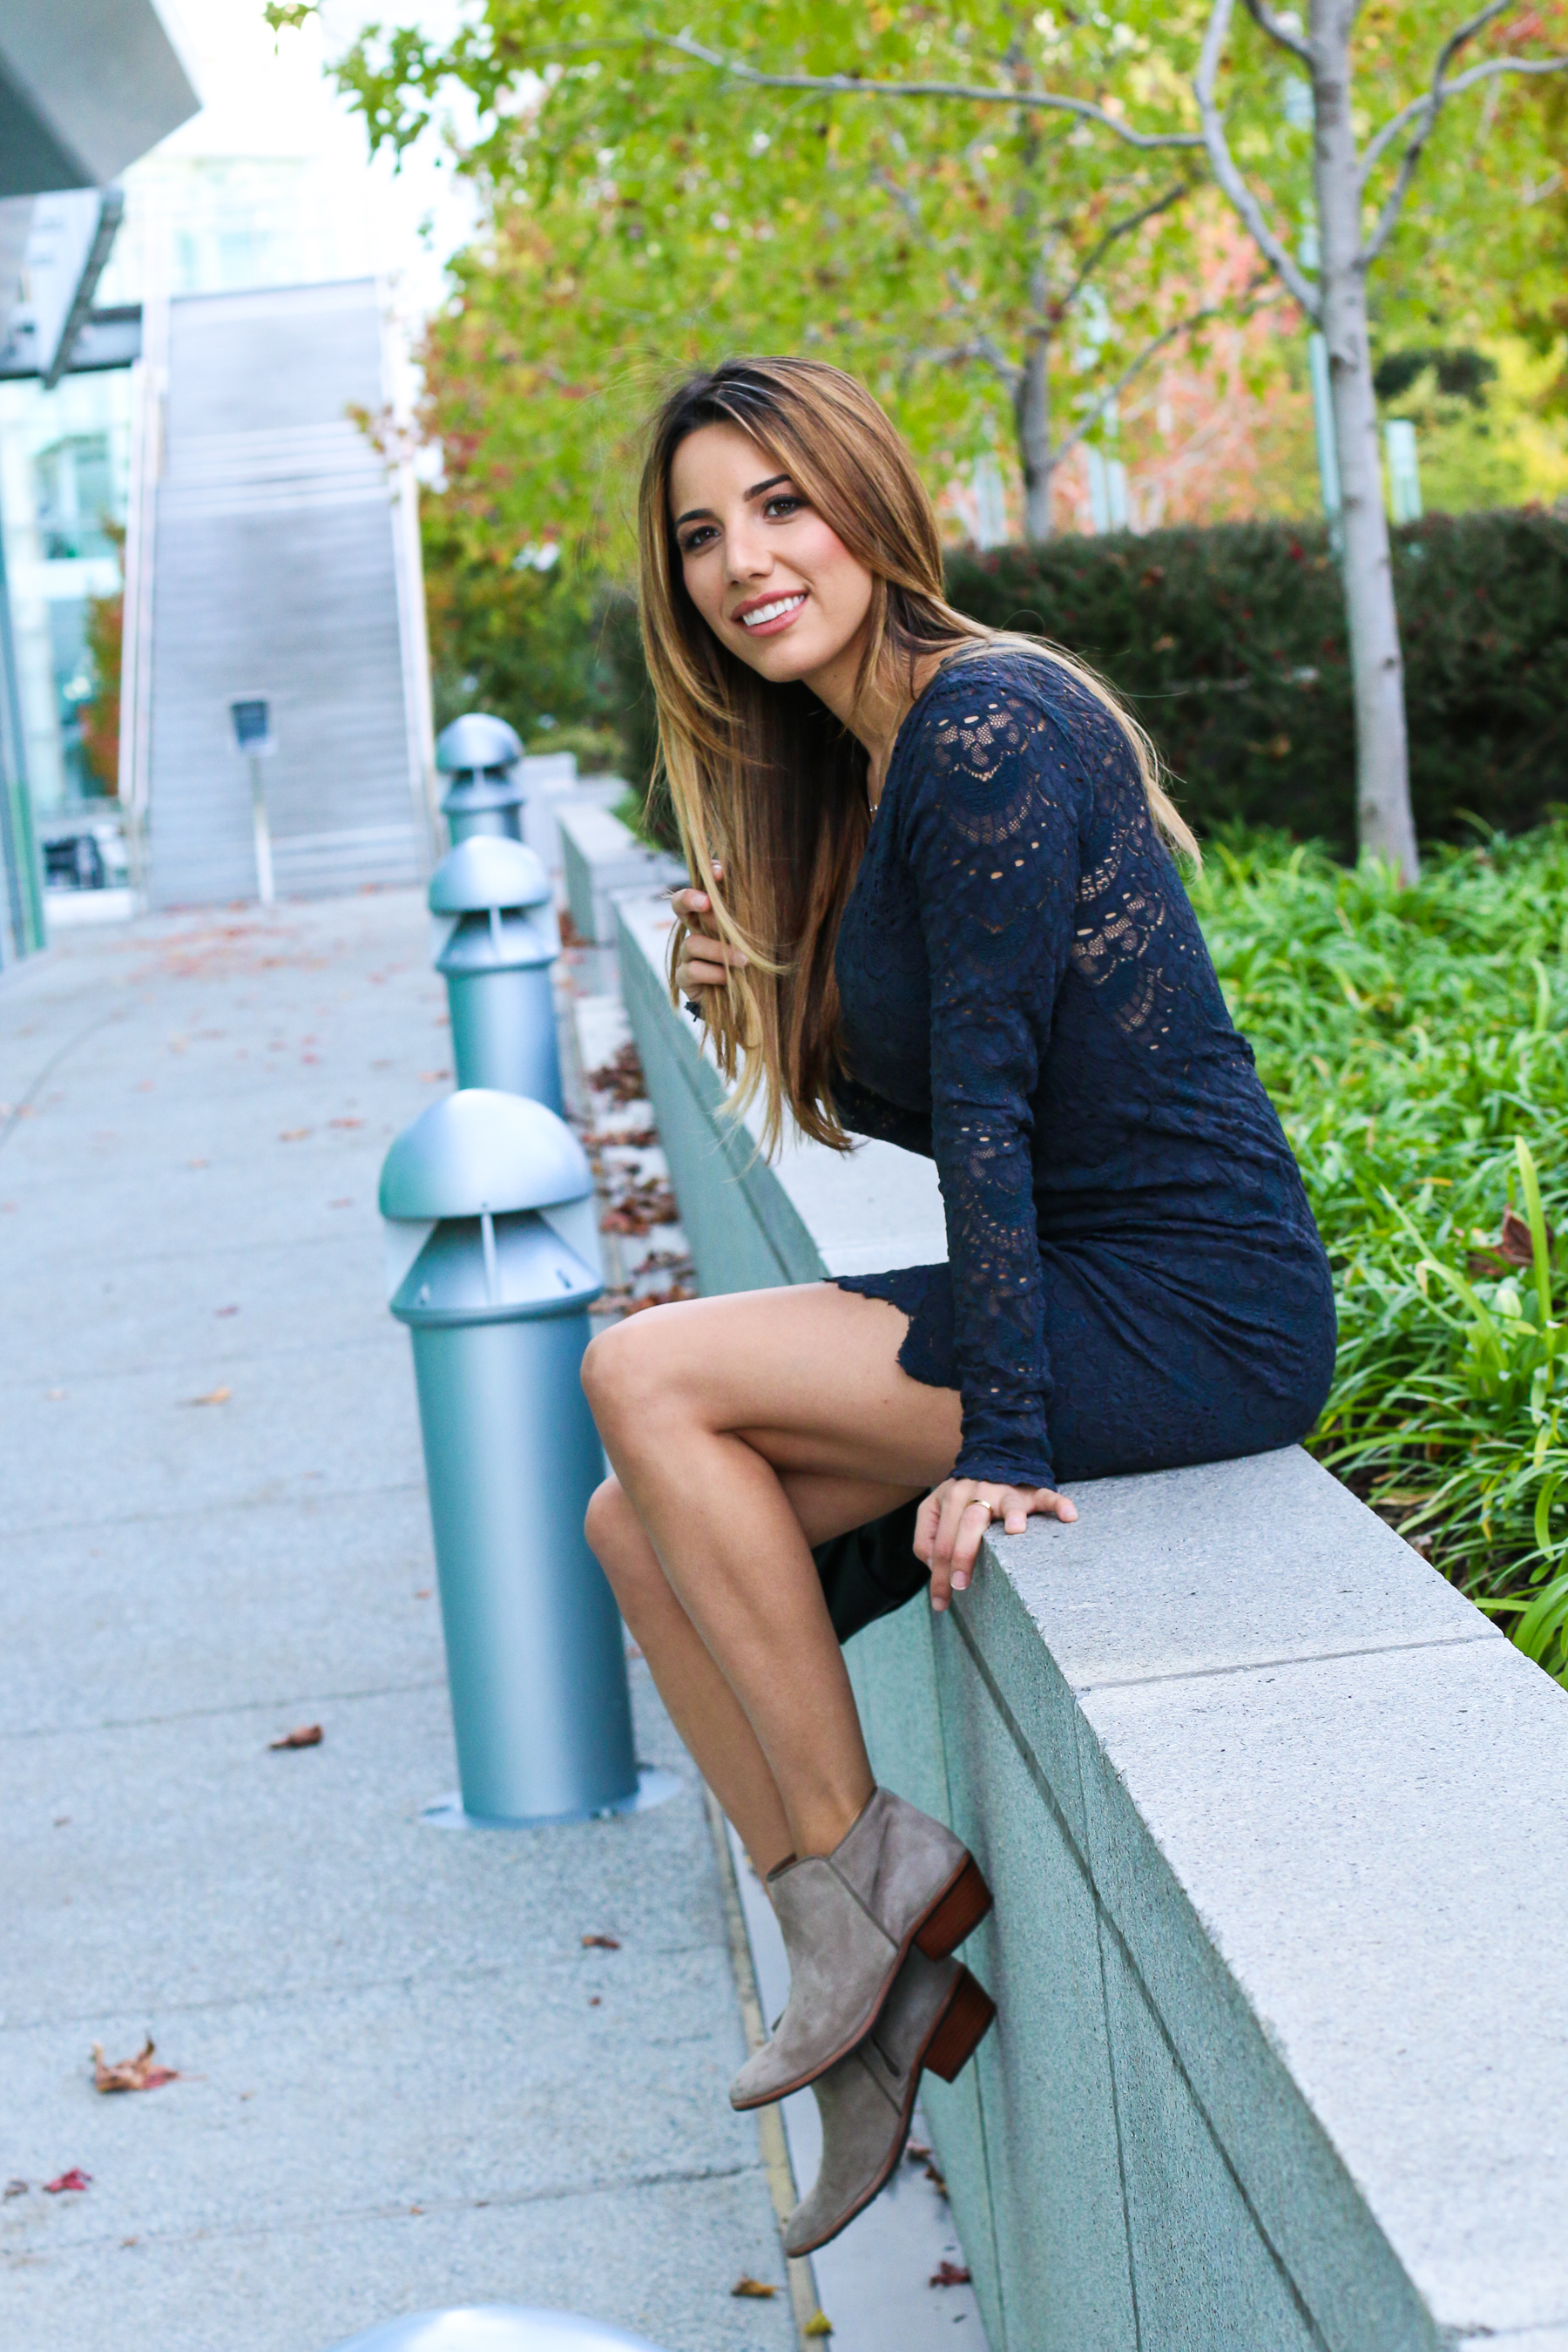 Ariana-Lauren-Fashion-Born-Blogger-San-Francisco-Photography-by-Ryan-Chua-2421